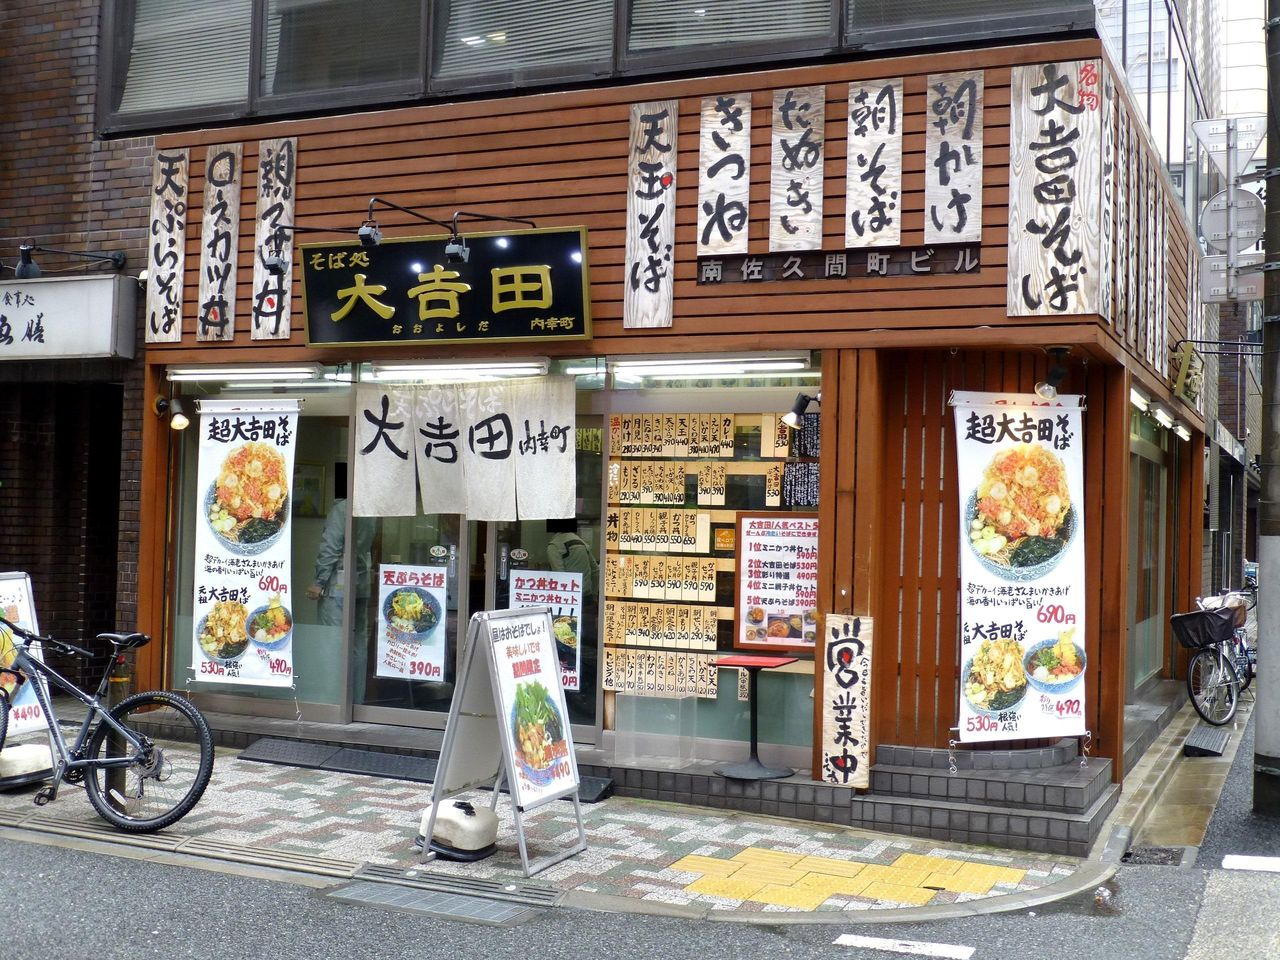 西新橋のオフィス街で、早朝から営業している大吉田!